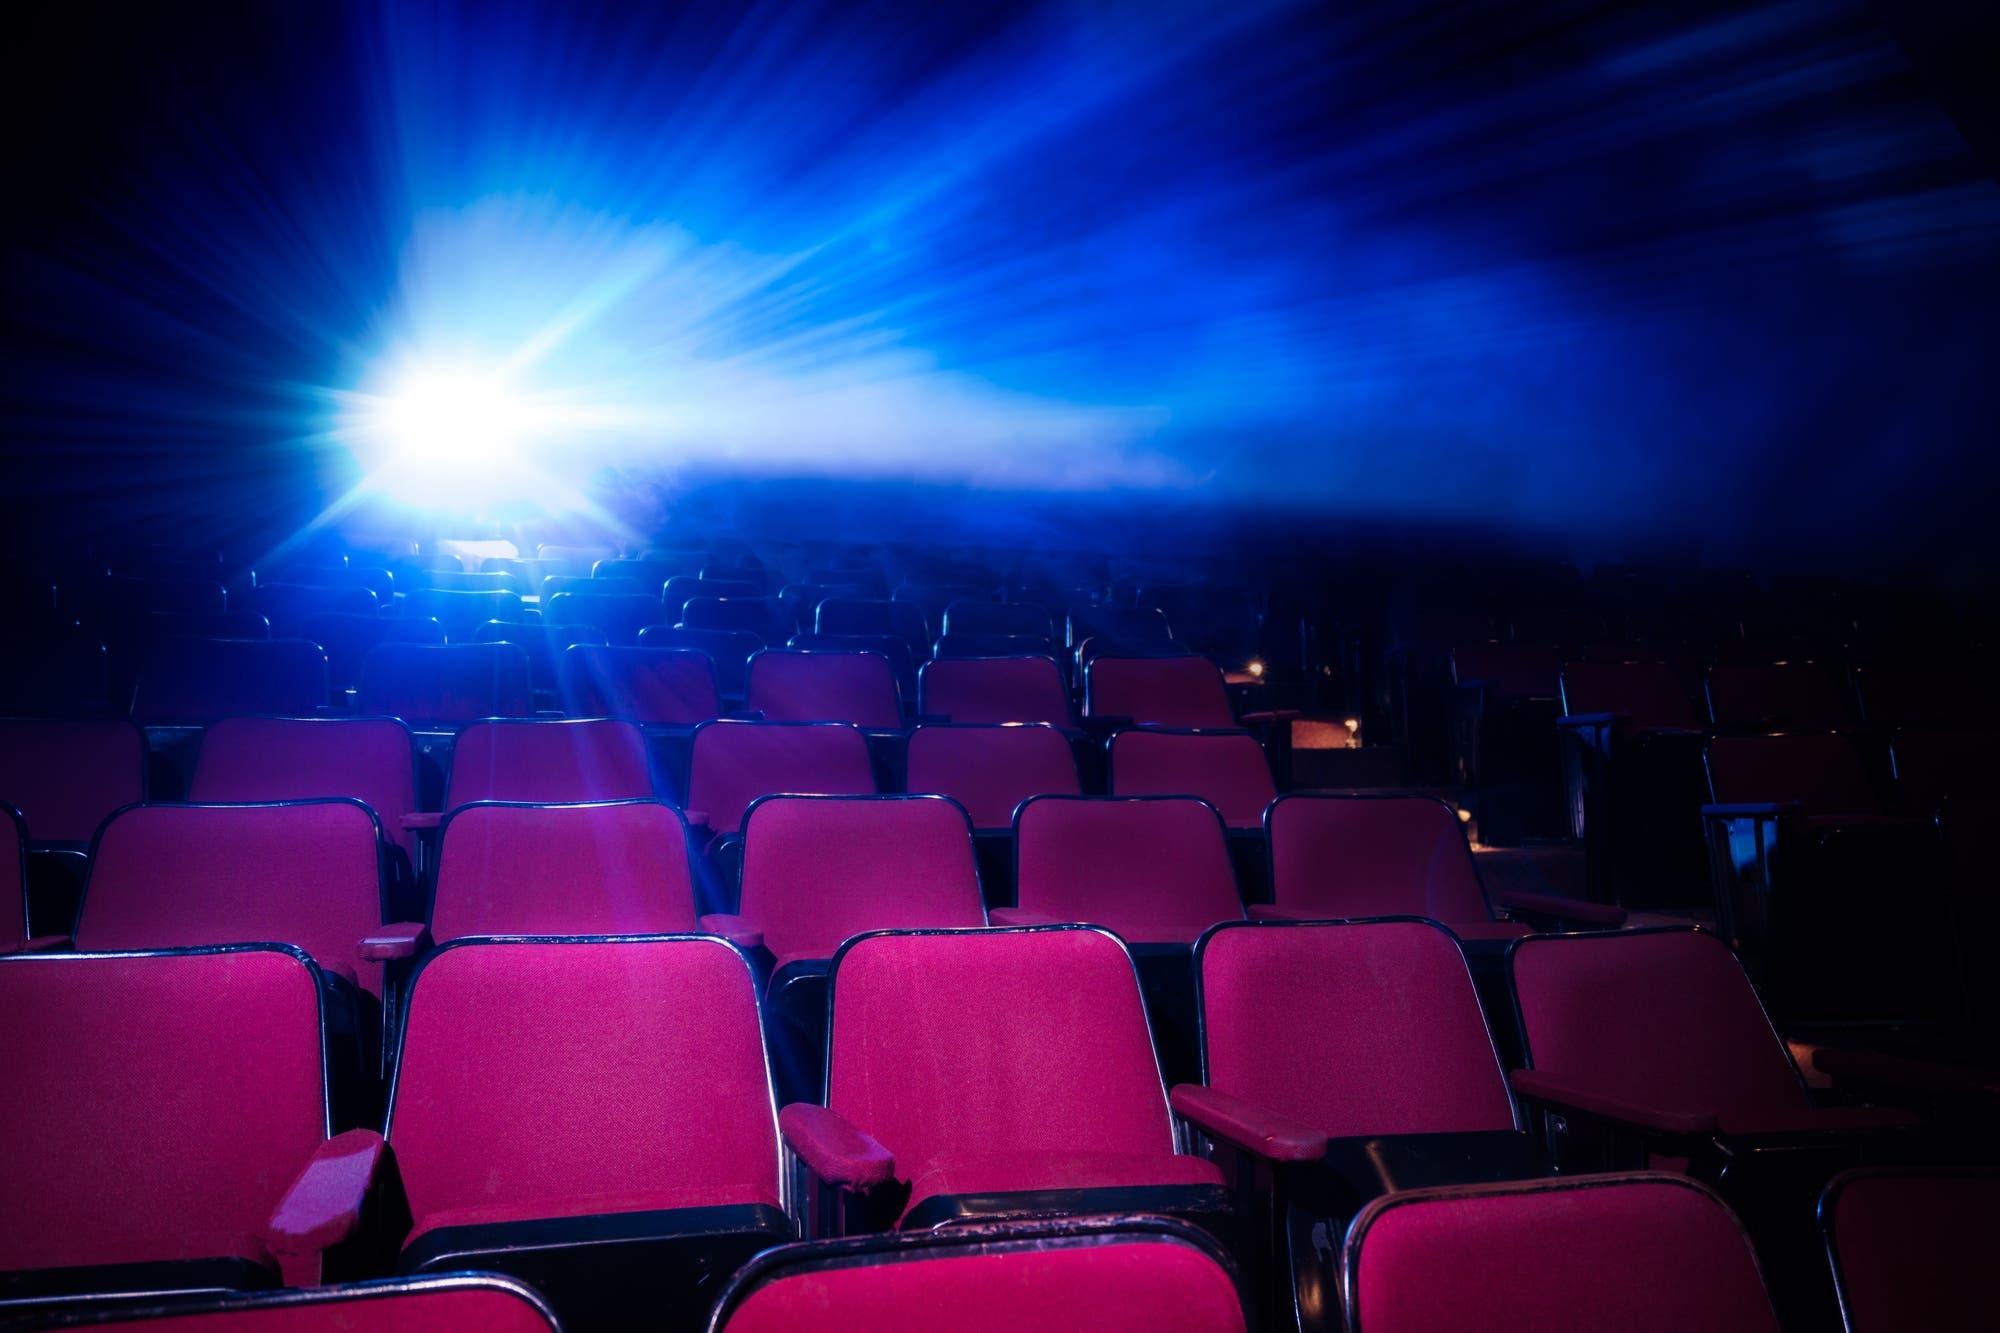 ¿Adiós al proyector? El cine del futuro podría ser una pantalla 4K